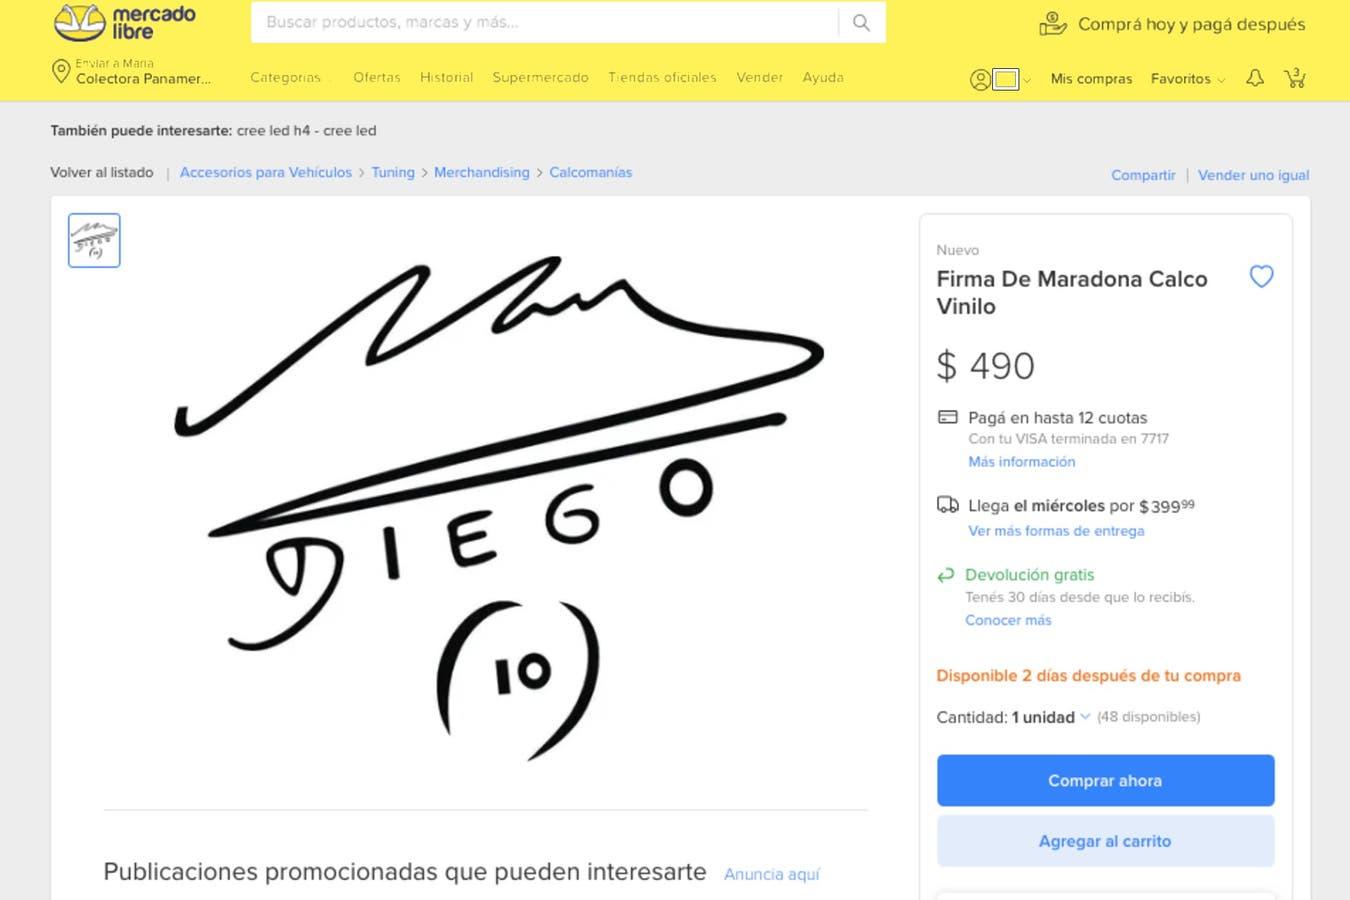 En Mercado Libre se pueden encontrar calcomanías con el autógrafo del 10 a $490